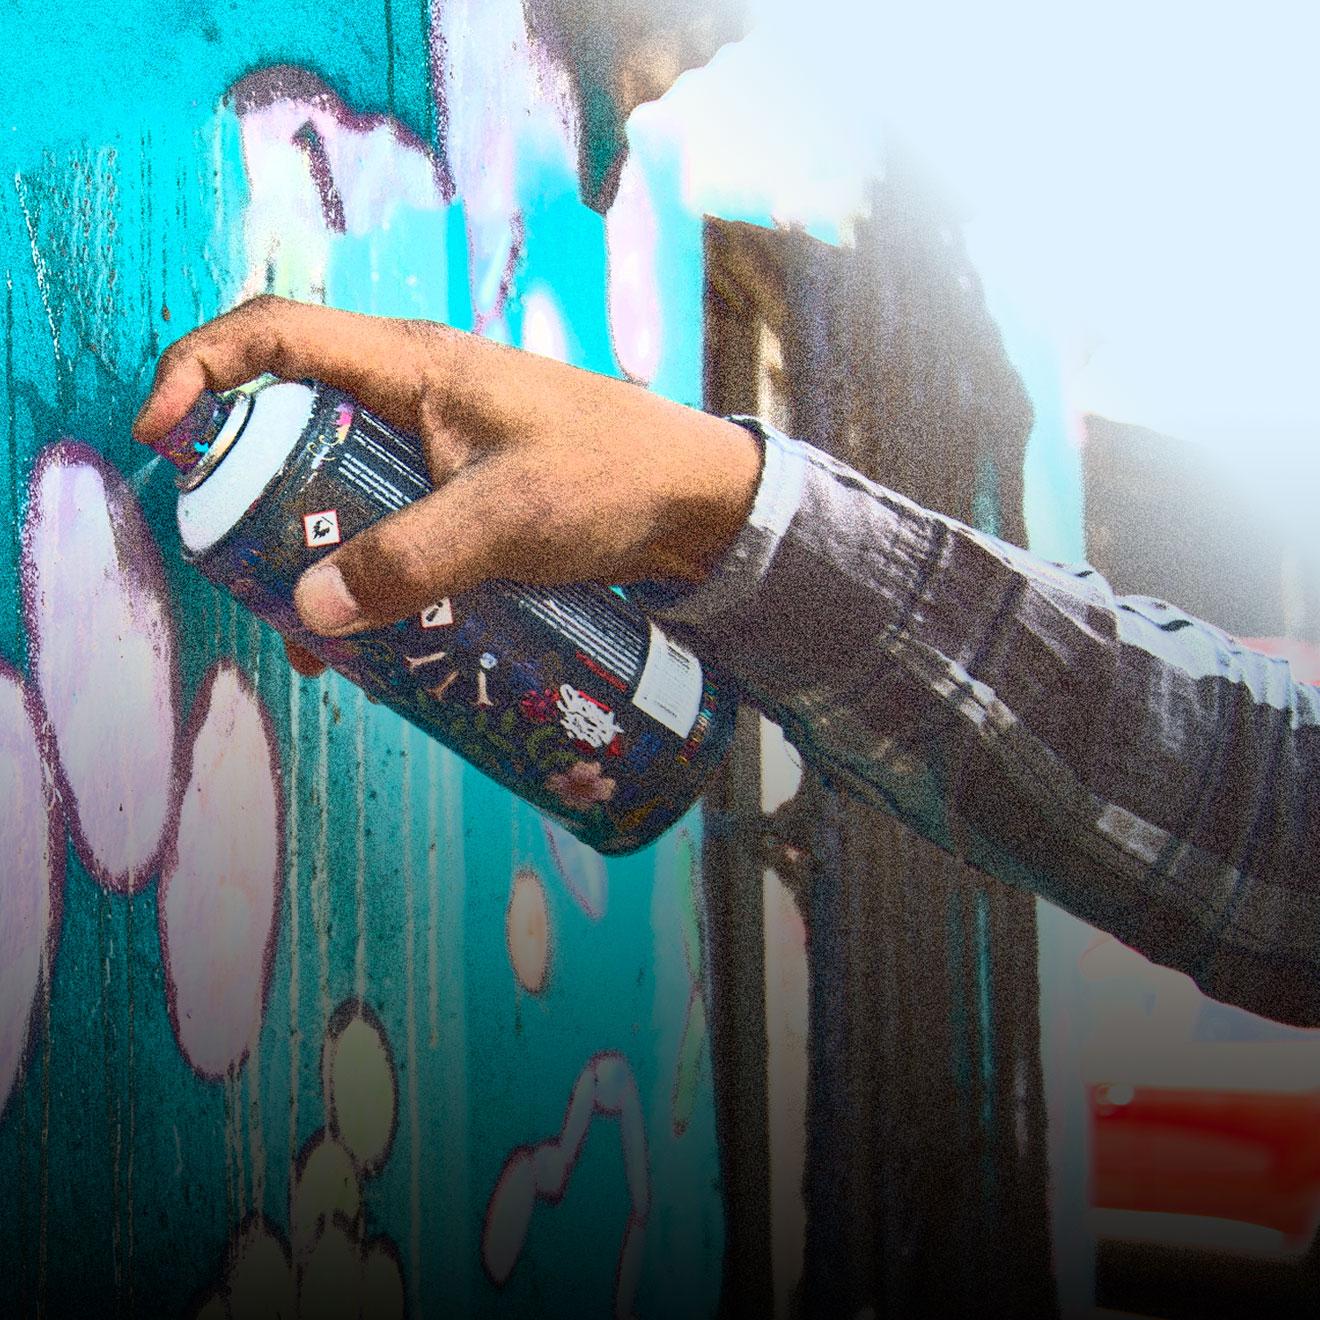 Andro Montoya es Doctor en Biología y docente y creció junto a una familia ligada a la pintura y el dibujo. Hoy, junto al médico cirujano y graffitero Guillermo Mardones, lleva a cabo el proyecto Infomurales Científicos para divulgar desde el arte su conocimiento médico y científico.